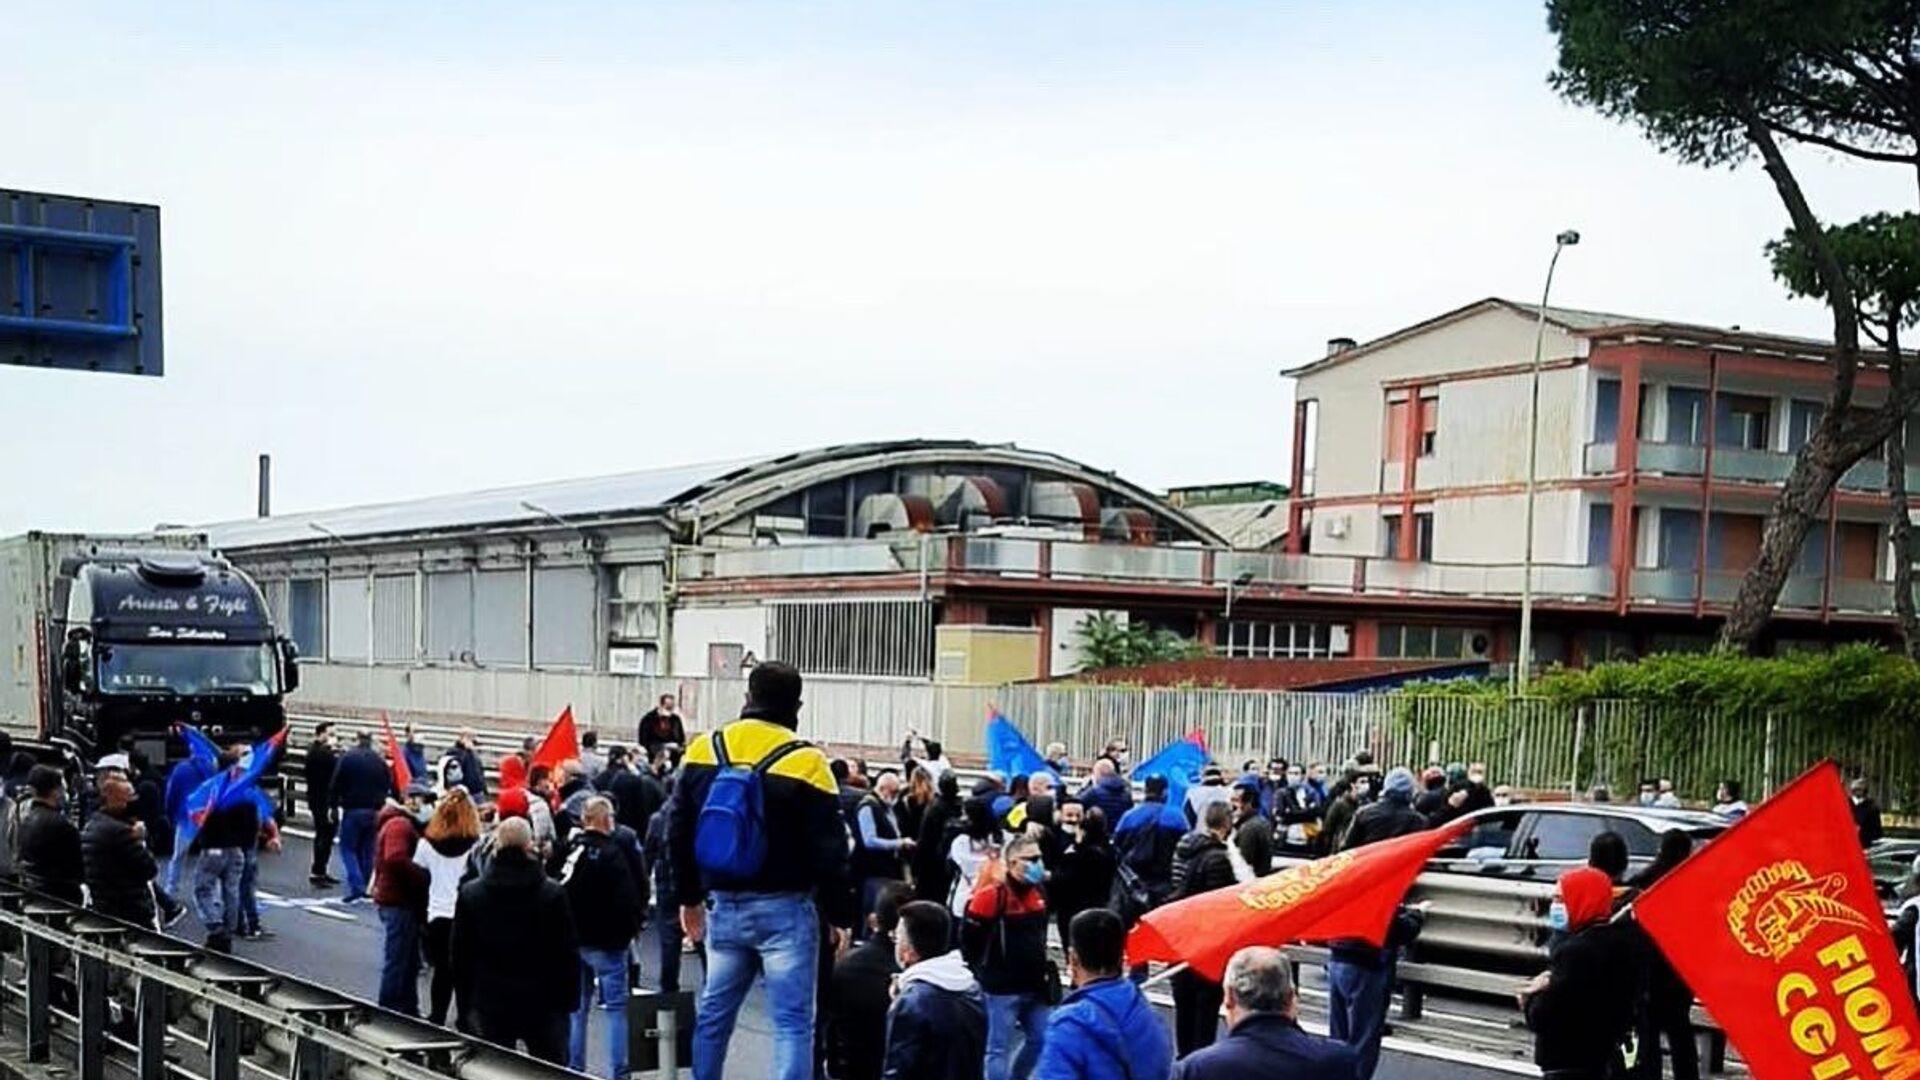 Manifestazione dei lavoratori della Whirlpool a Napoli - Sputnik Italia, 1920, 26.05.2021